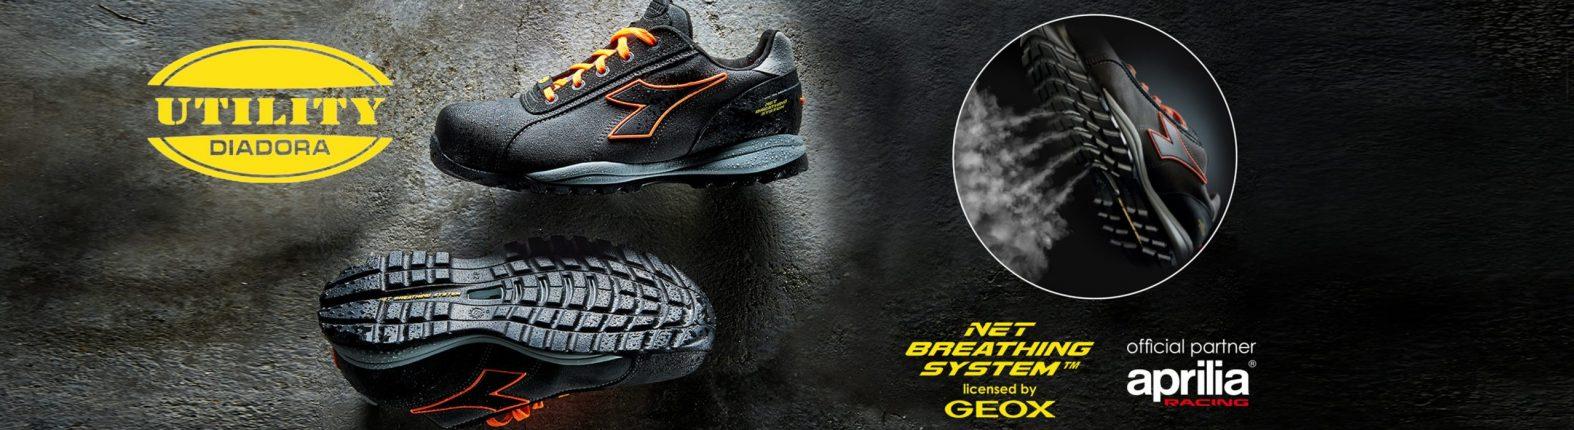 ropa y zapatos de seguridad diadora utility